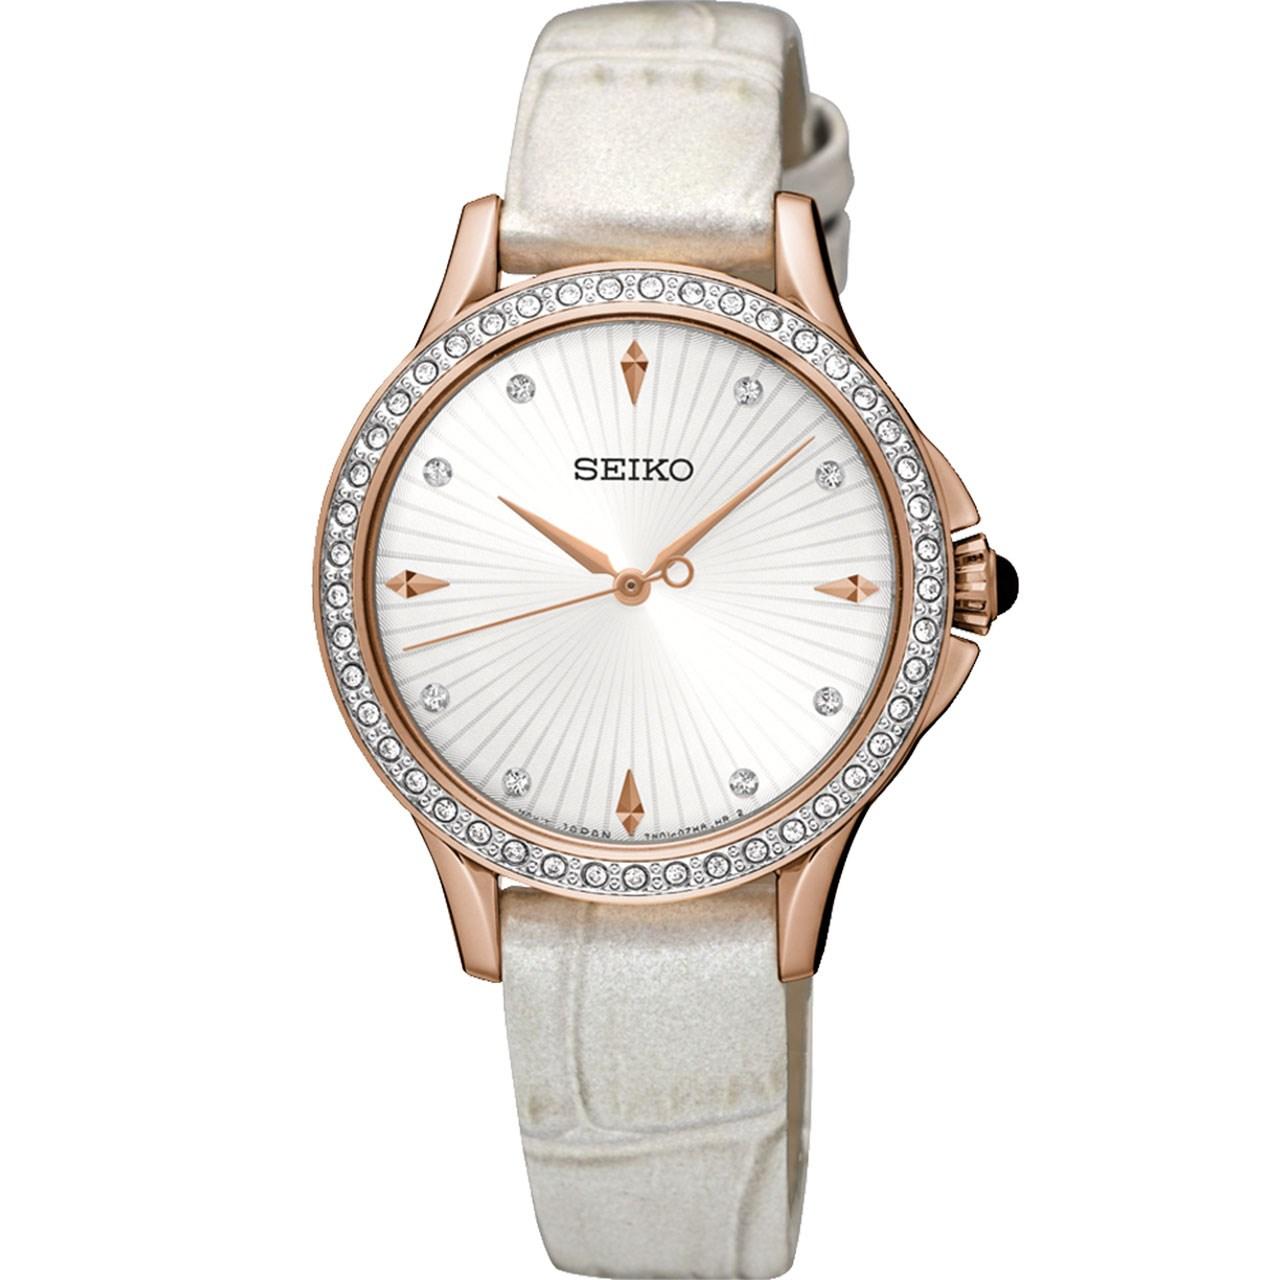 ساعت مچی عقربه ای زنانه سیکو مدل SRZ490P1 33